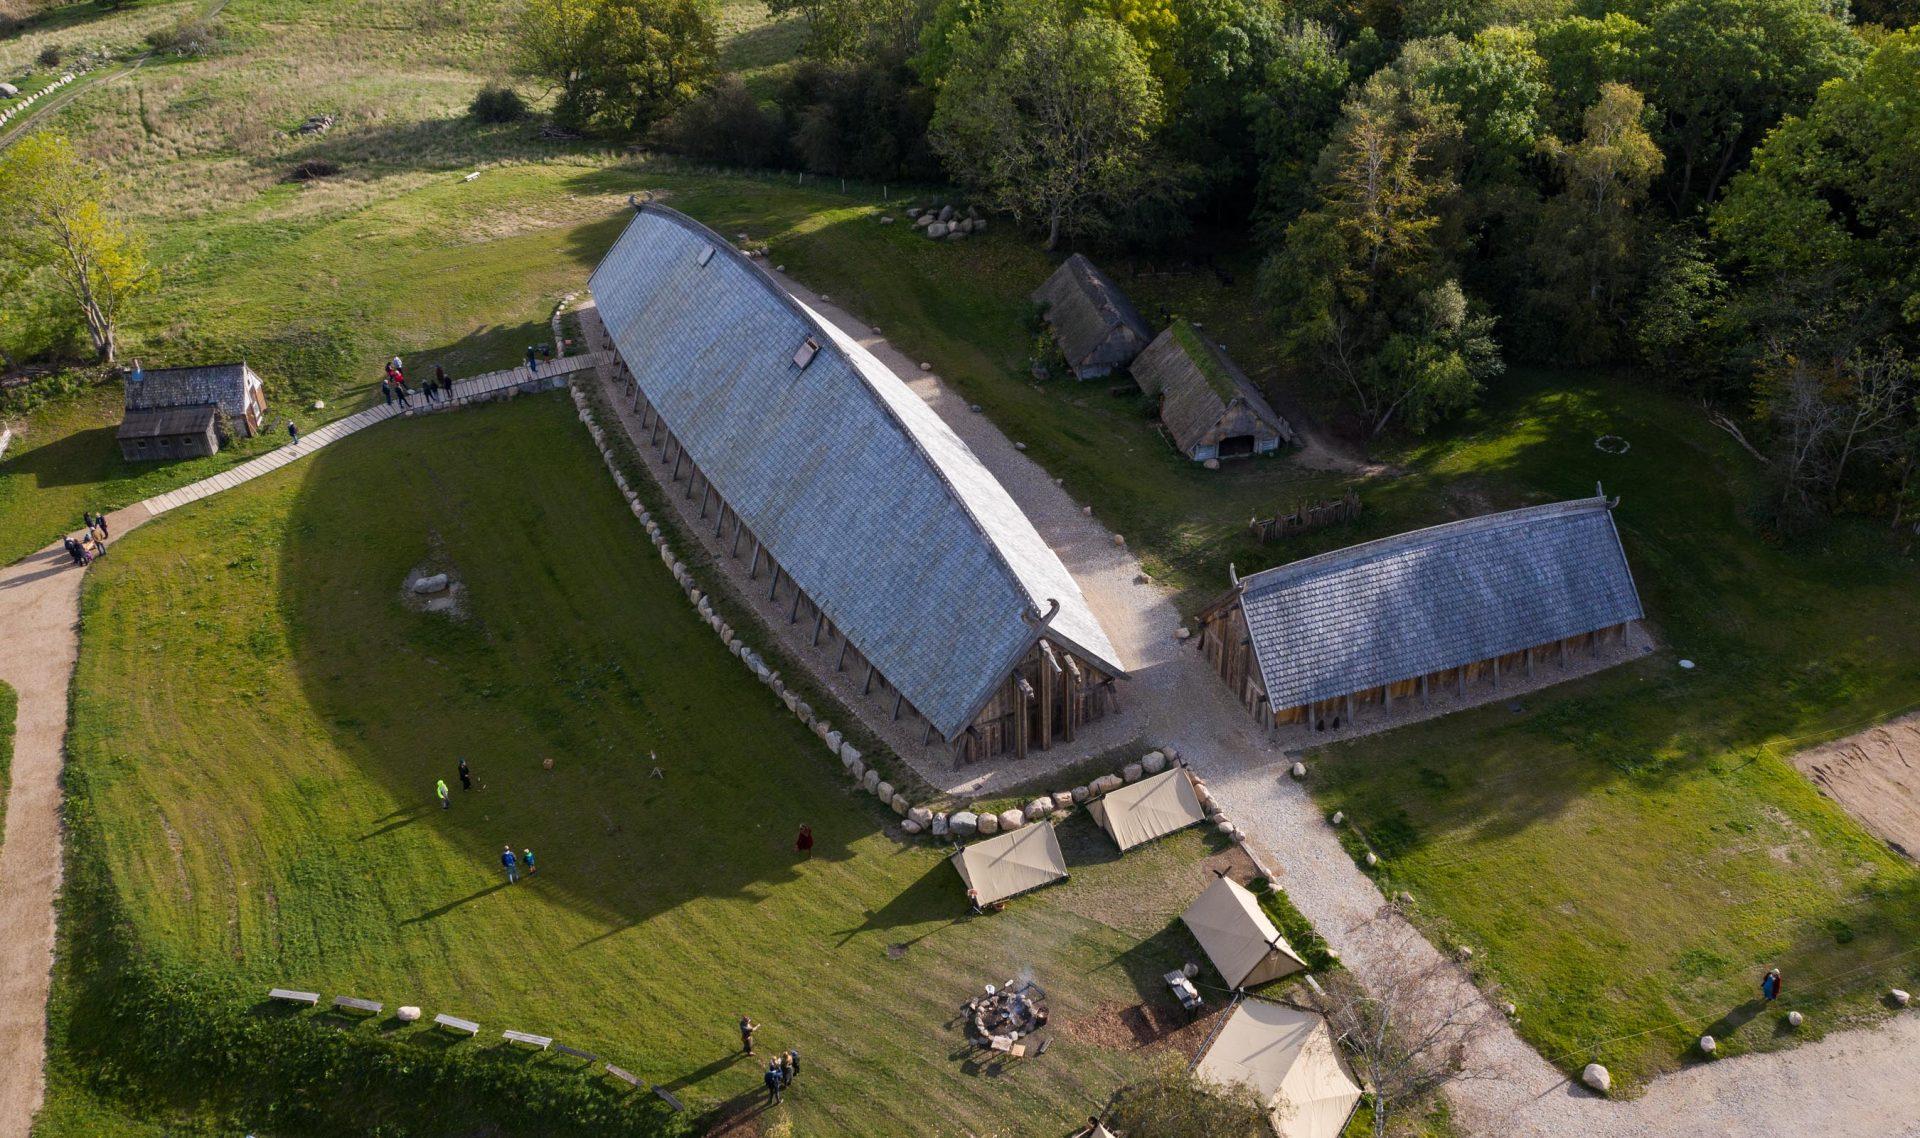 kongehallen-i-sagnlandet-lejre-som-den-ser-ud-i-landskabet-netop-nu-2-1920x1280